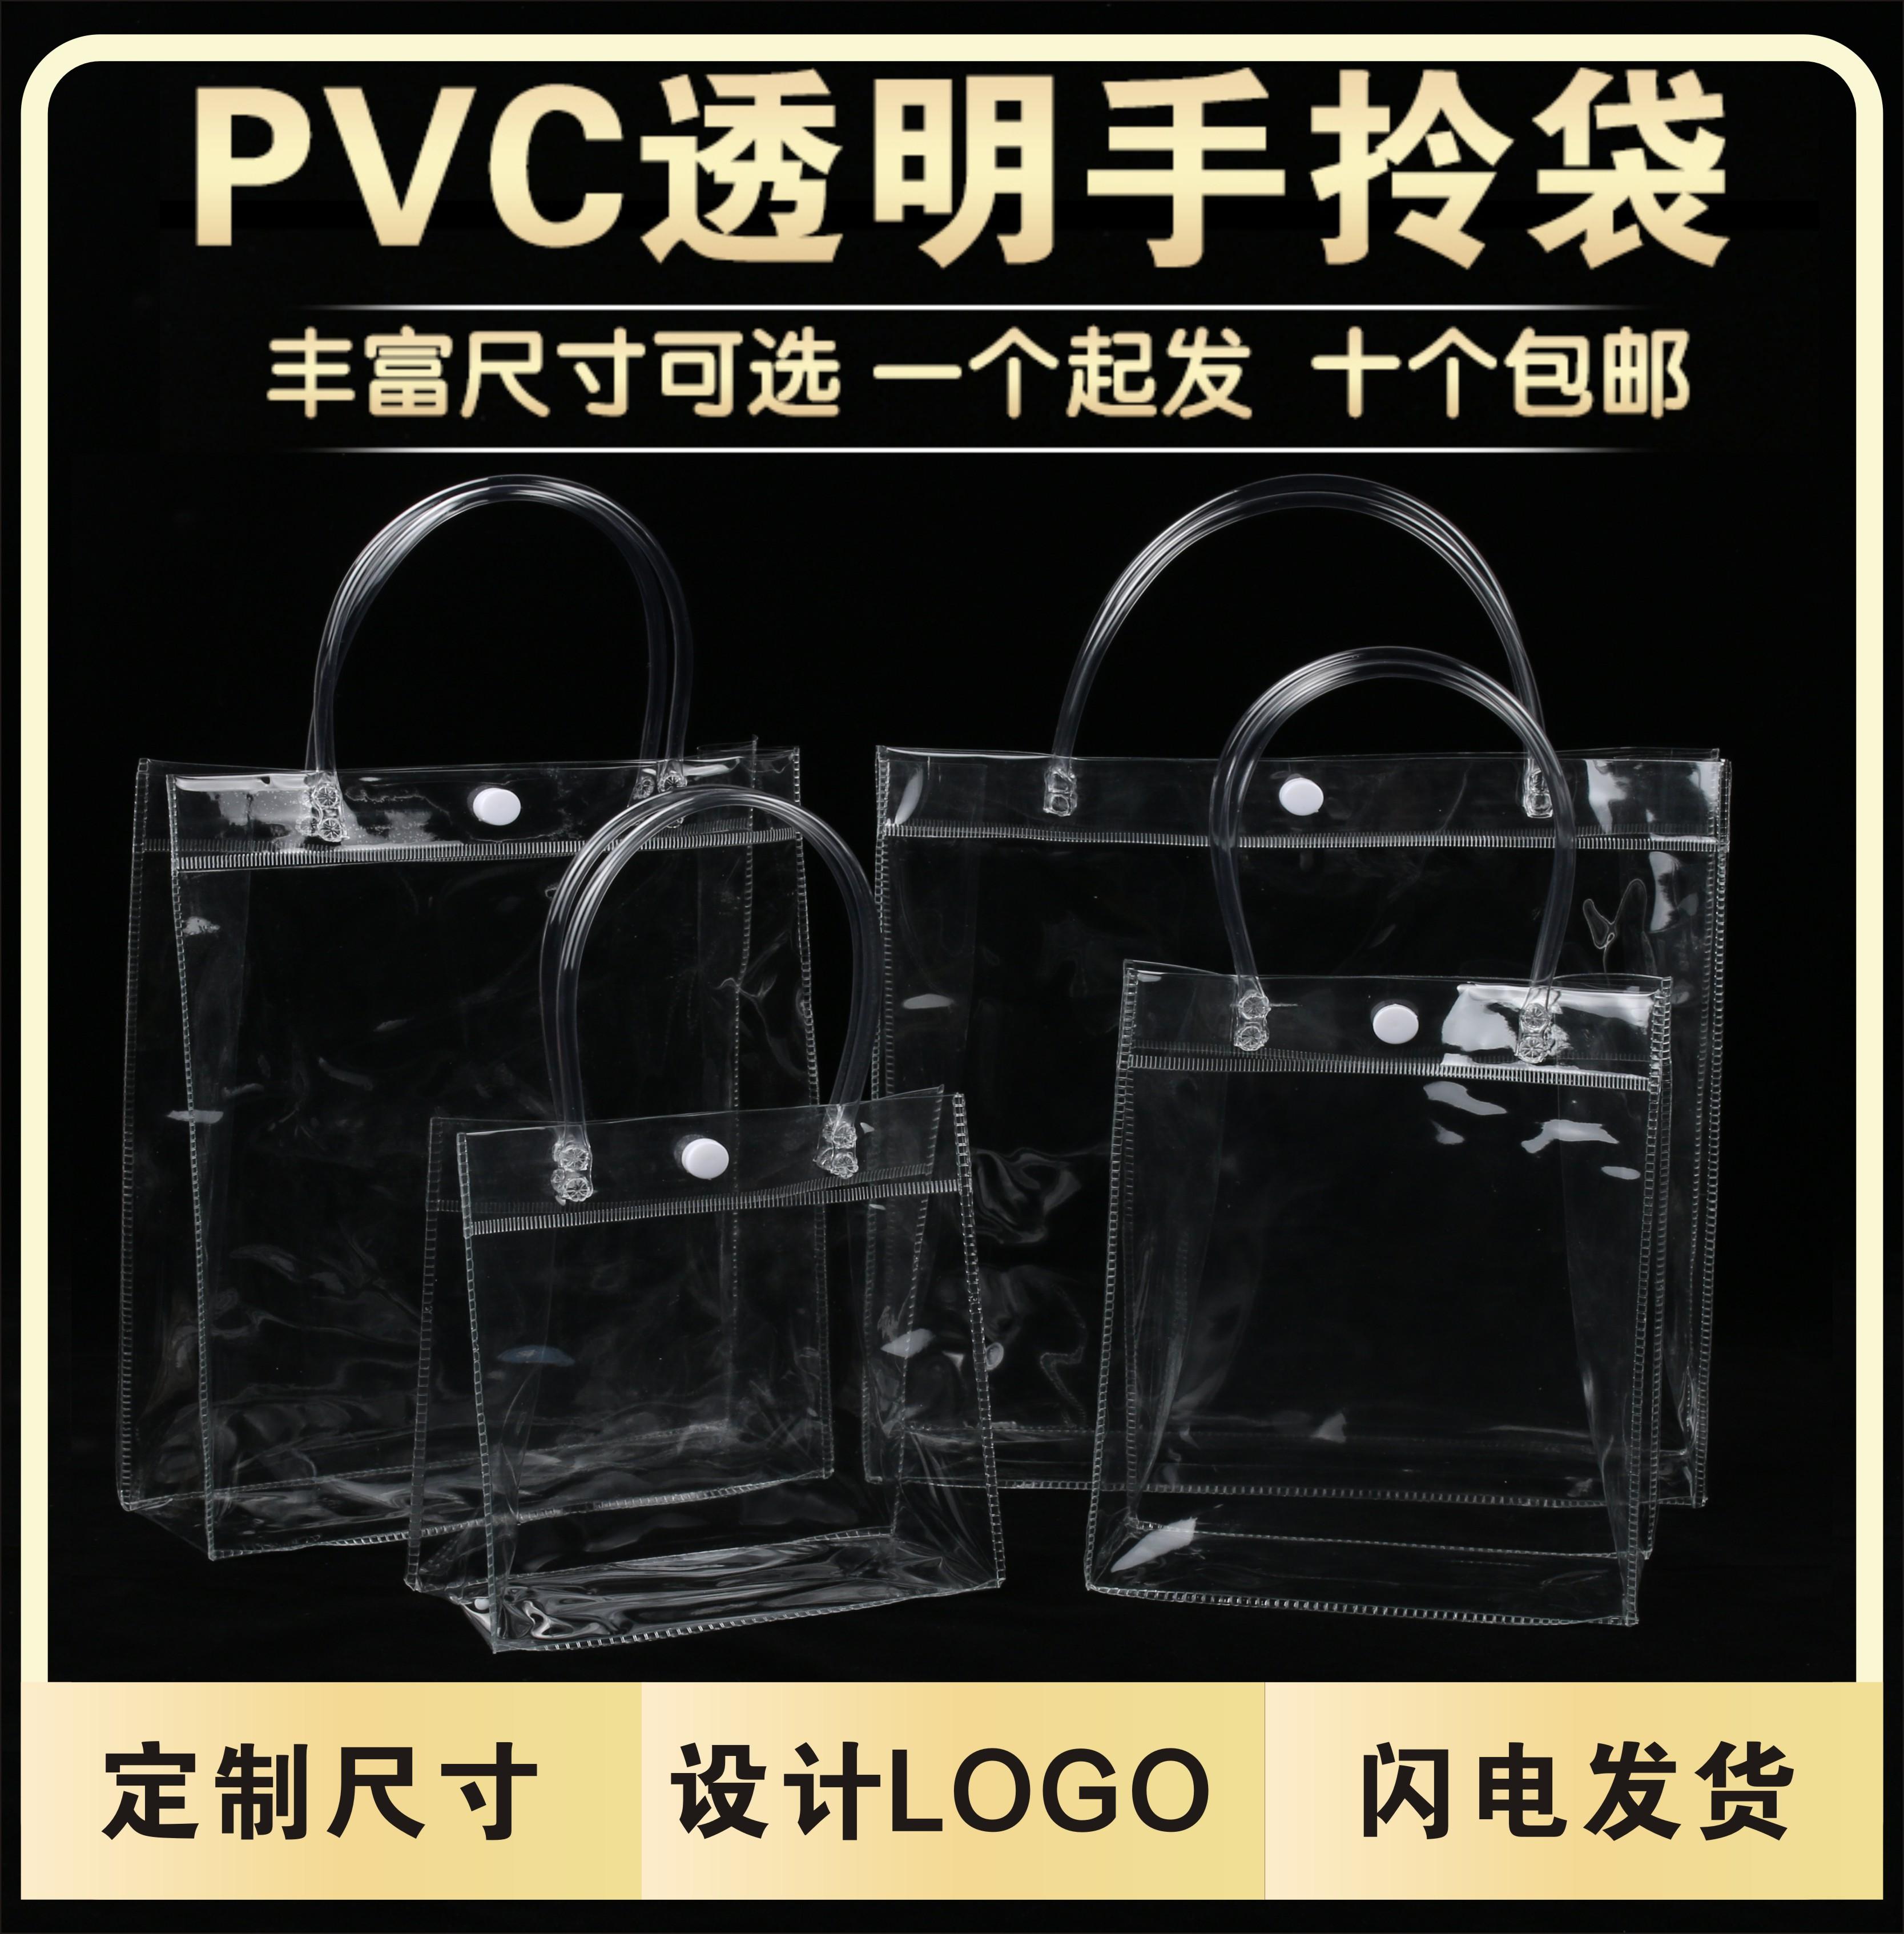 工廠直銷現貨pvc塑膠袋透明手提袋禮品化妝品奶茶包裝促銷袋包郵